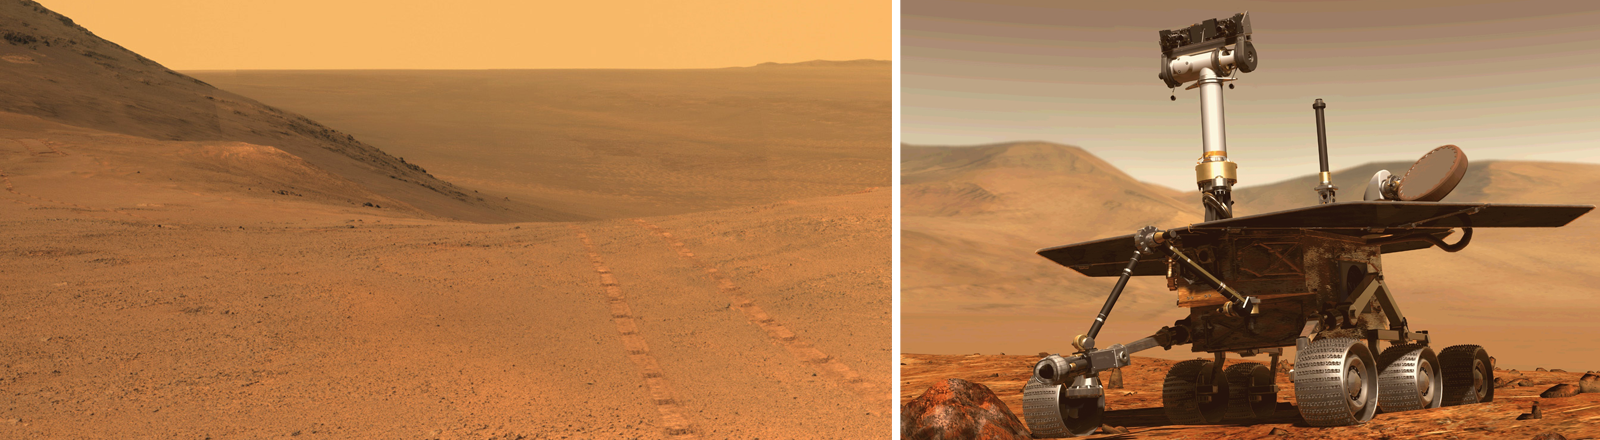 Der Mars Rover Opportunity in einer grafischen Darstellung, daneben Bilder, die der Rover zur Erde gesendet hat.